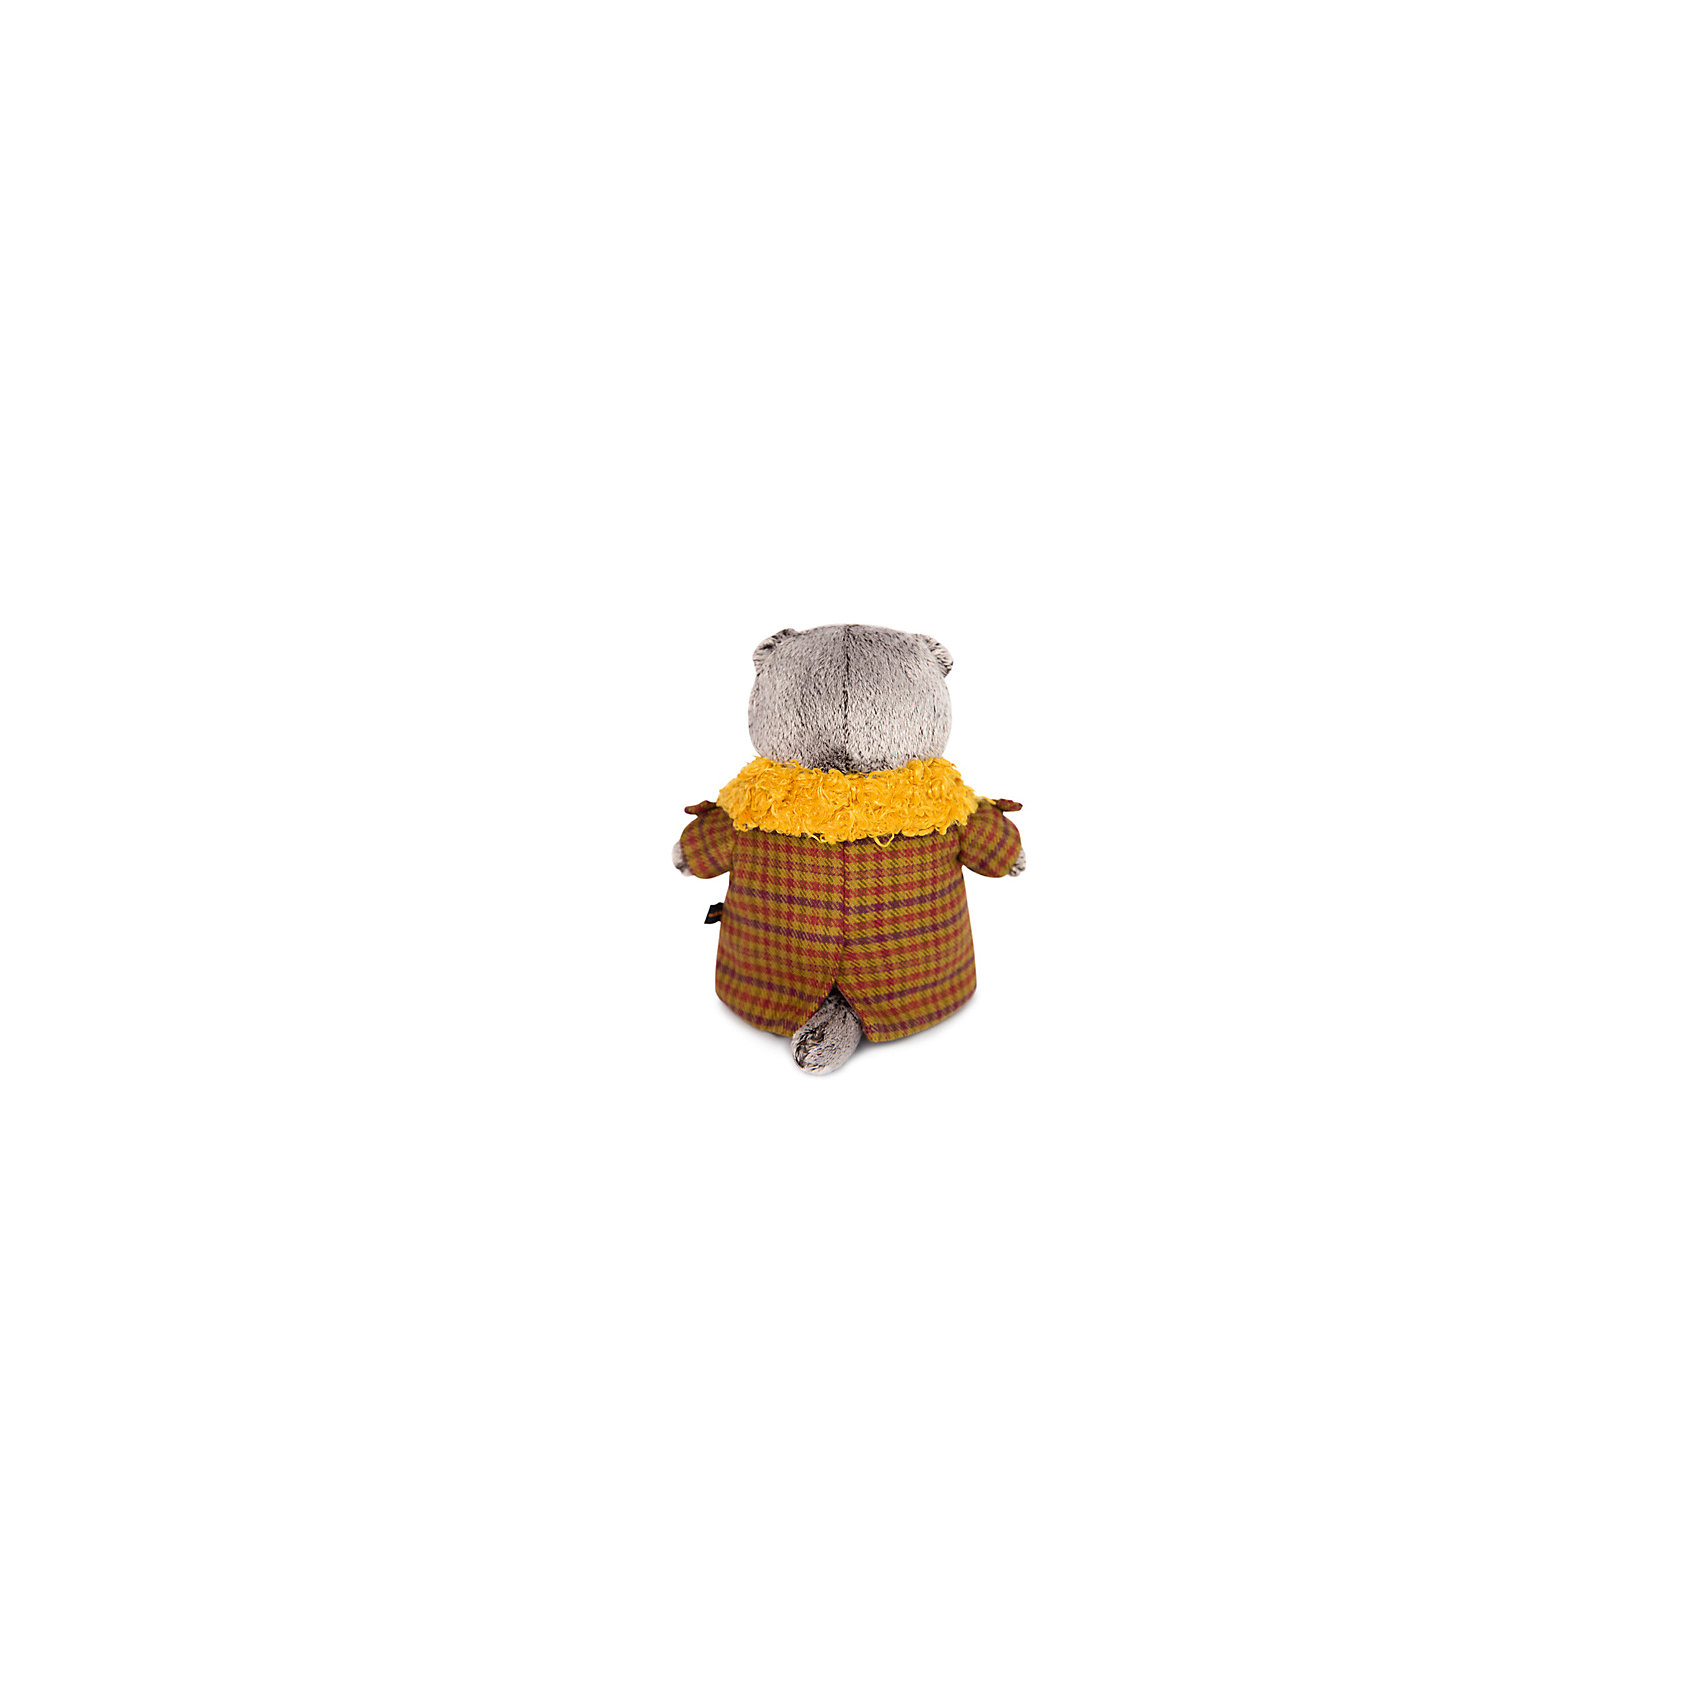 Мягкая игрушка Budi Basa Кот Басик в пальто с желтым меховым воротником, 22 см по цене 899